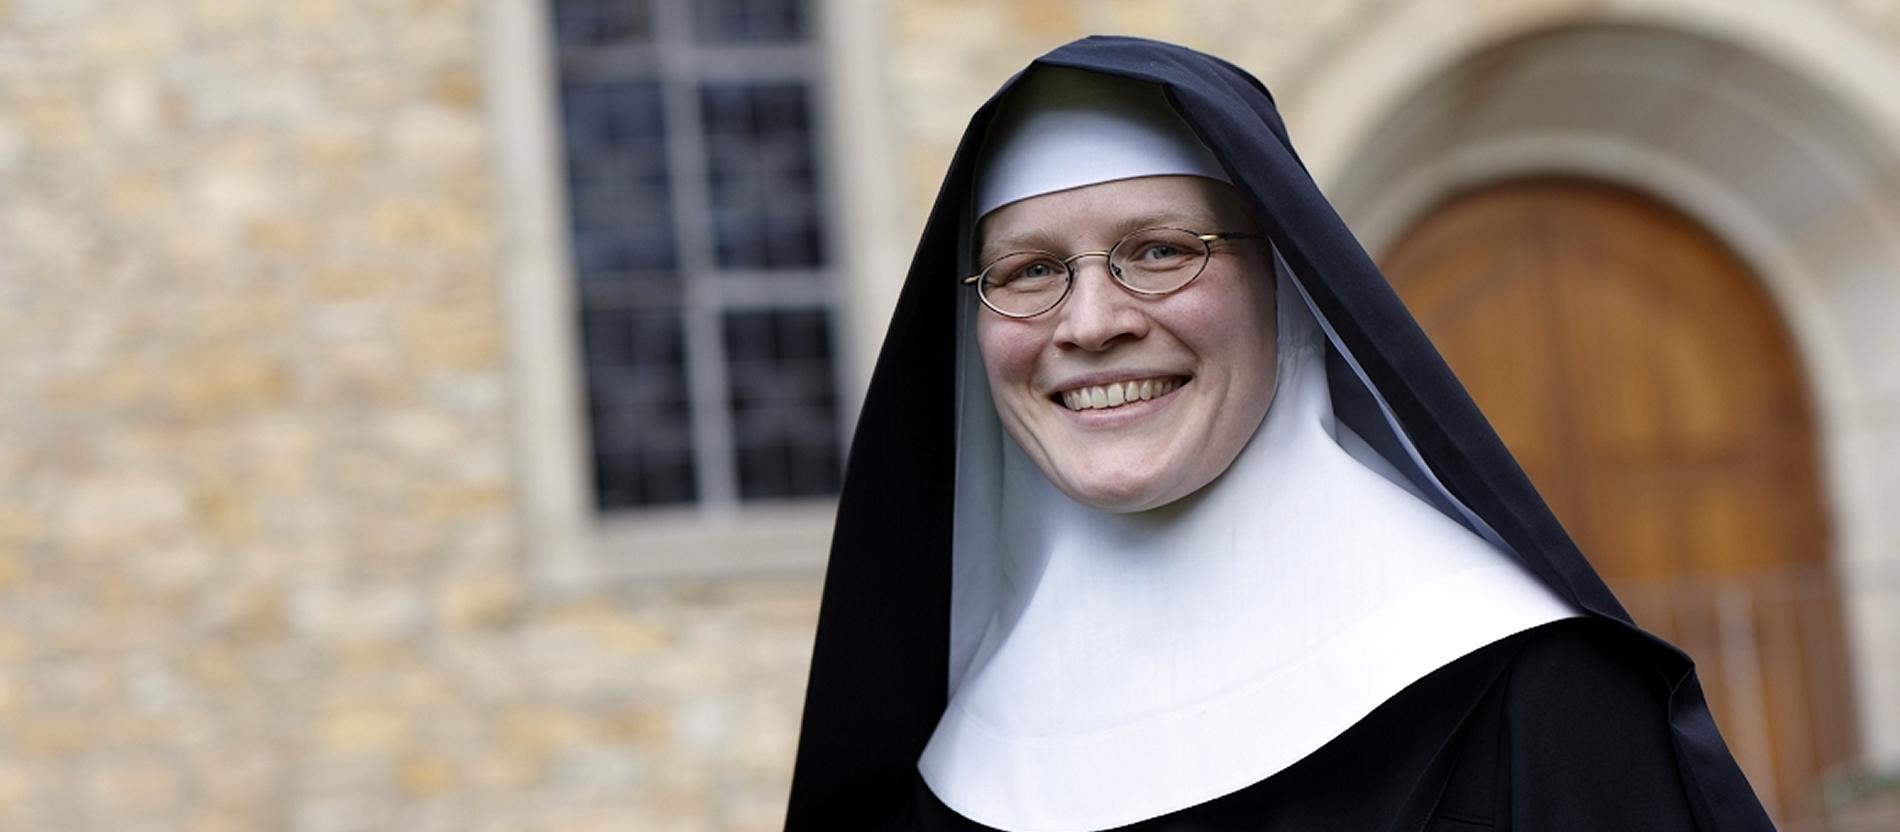 Warum Nicht Jede Ins Kloster Darf Katholischde